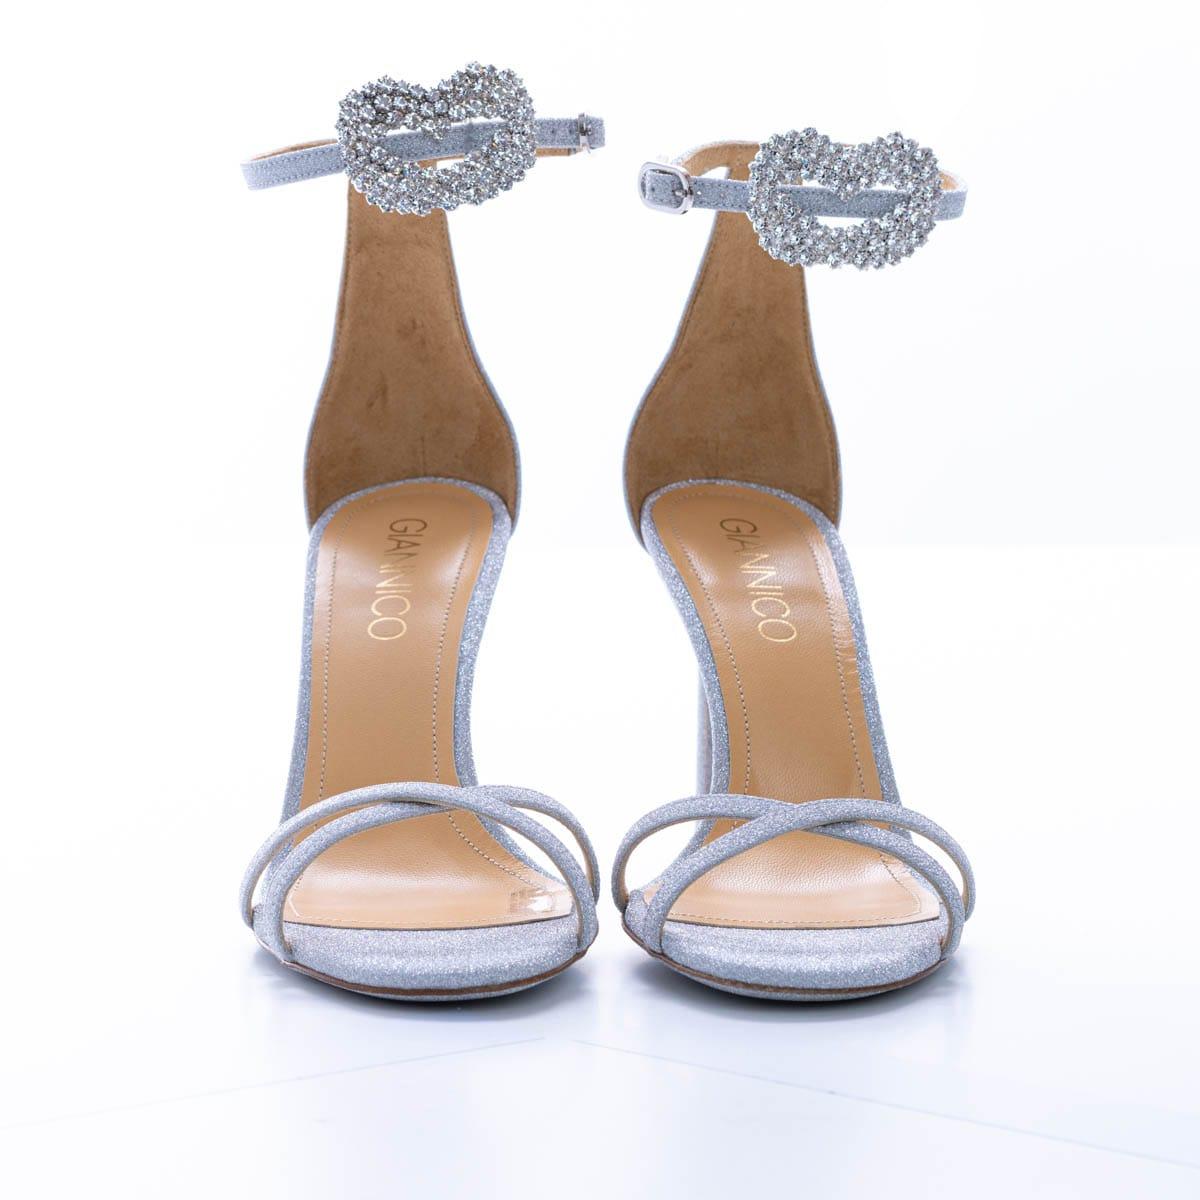 Giannico Giannico Leather Sandal